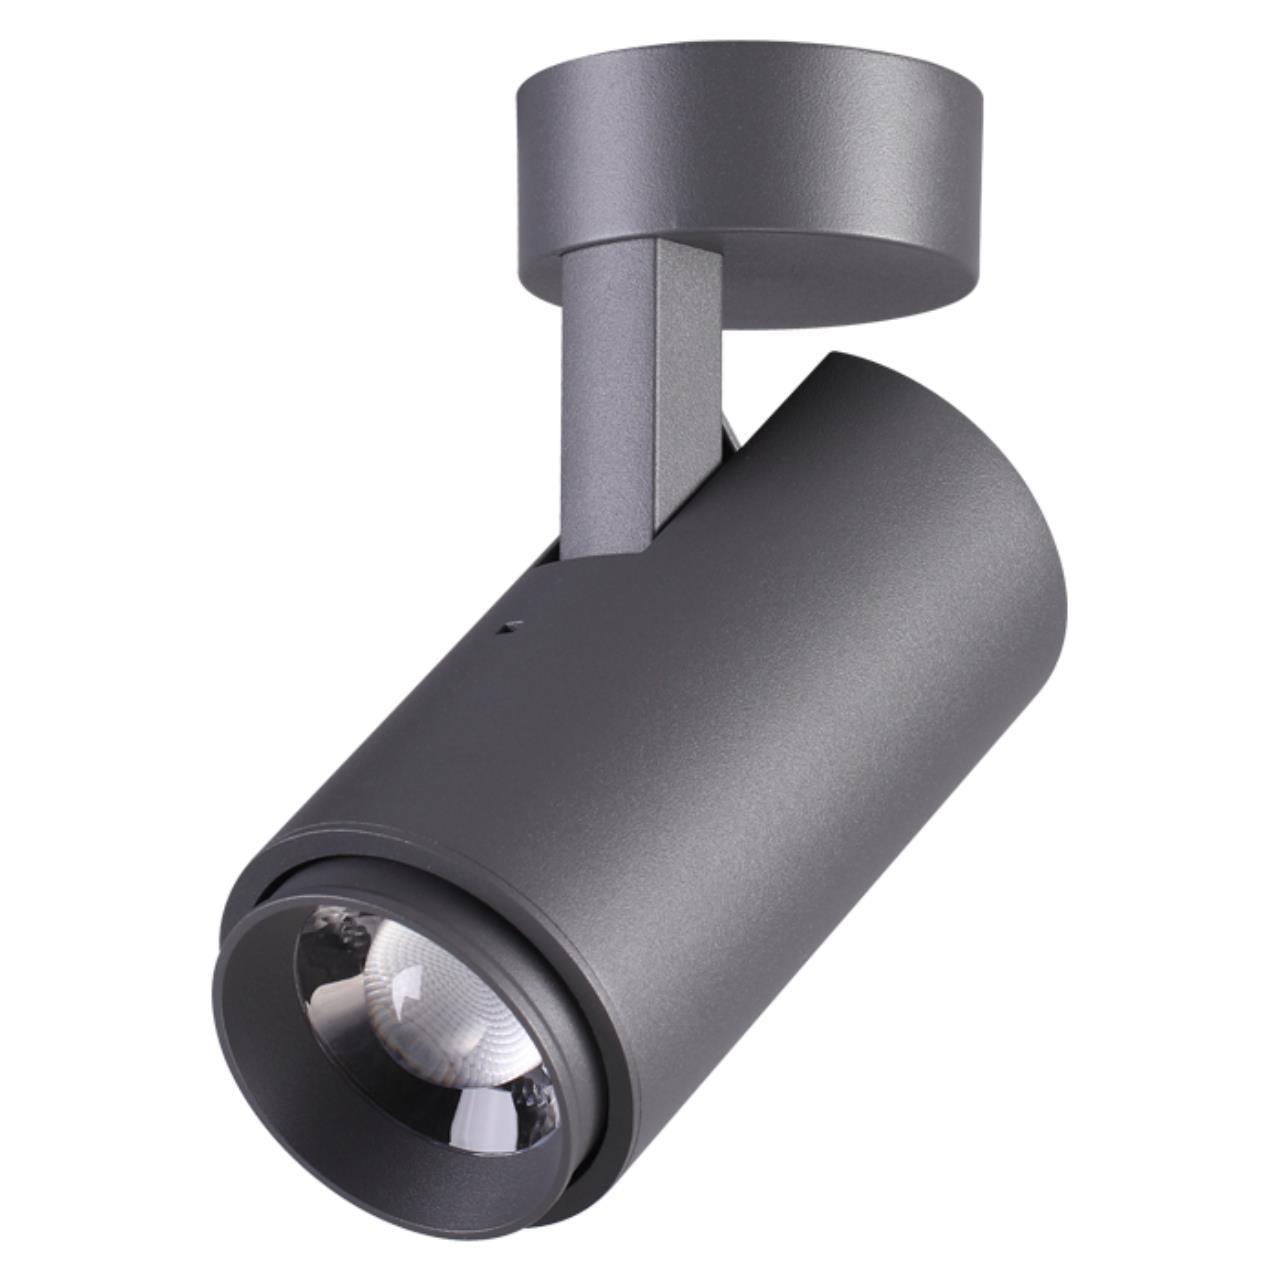 358289 STREET NT19 000 темно-серый Ландшафтный светильник IP54 LED 4000K 9W 220-240V KAIMAS